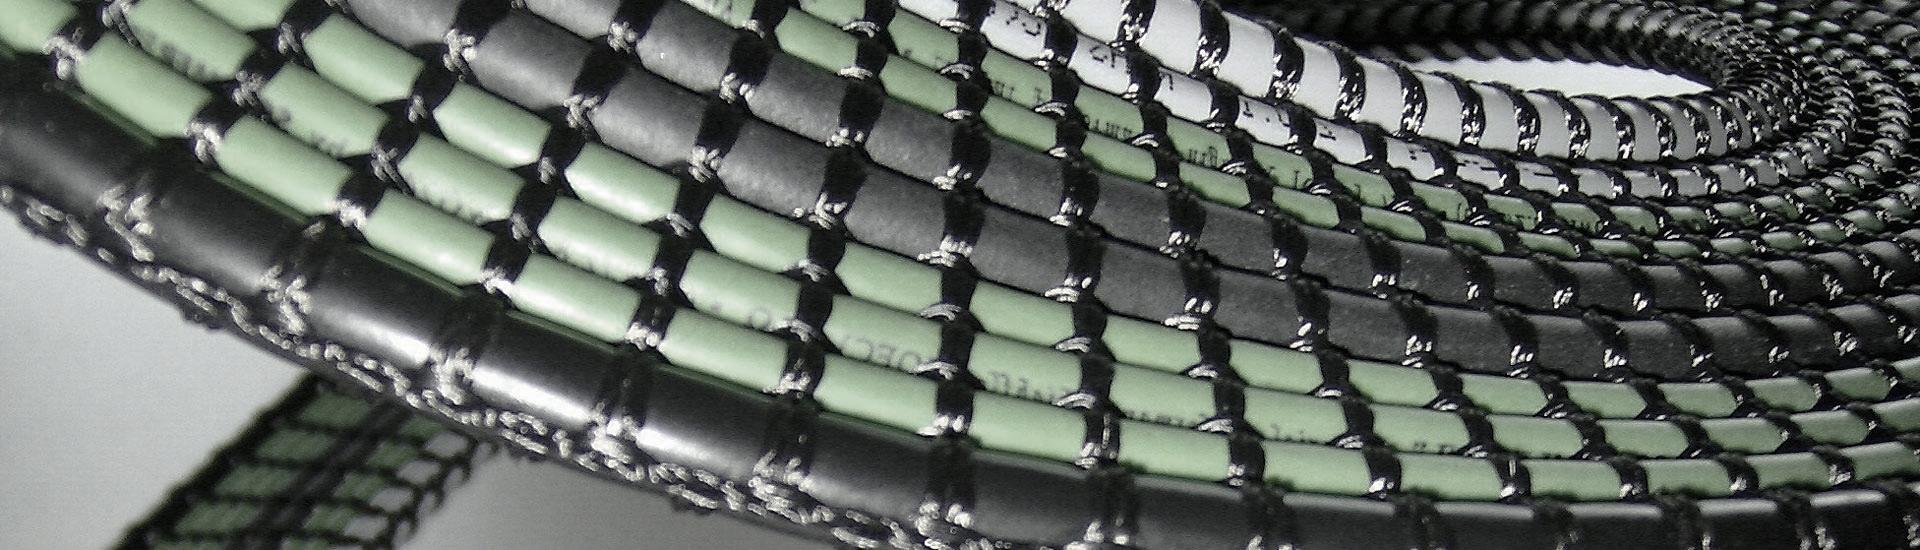 Cable-Systems Gewebebandleitungen